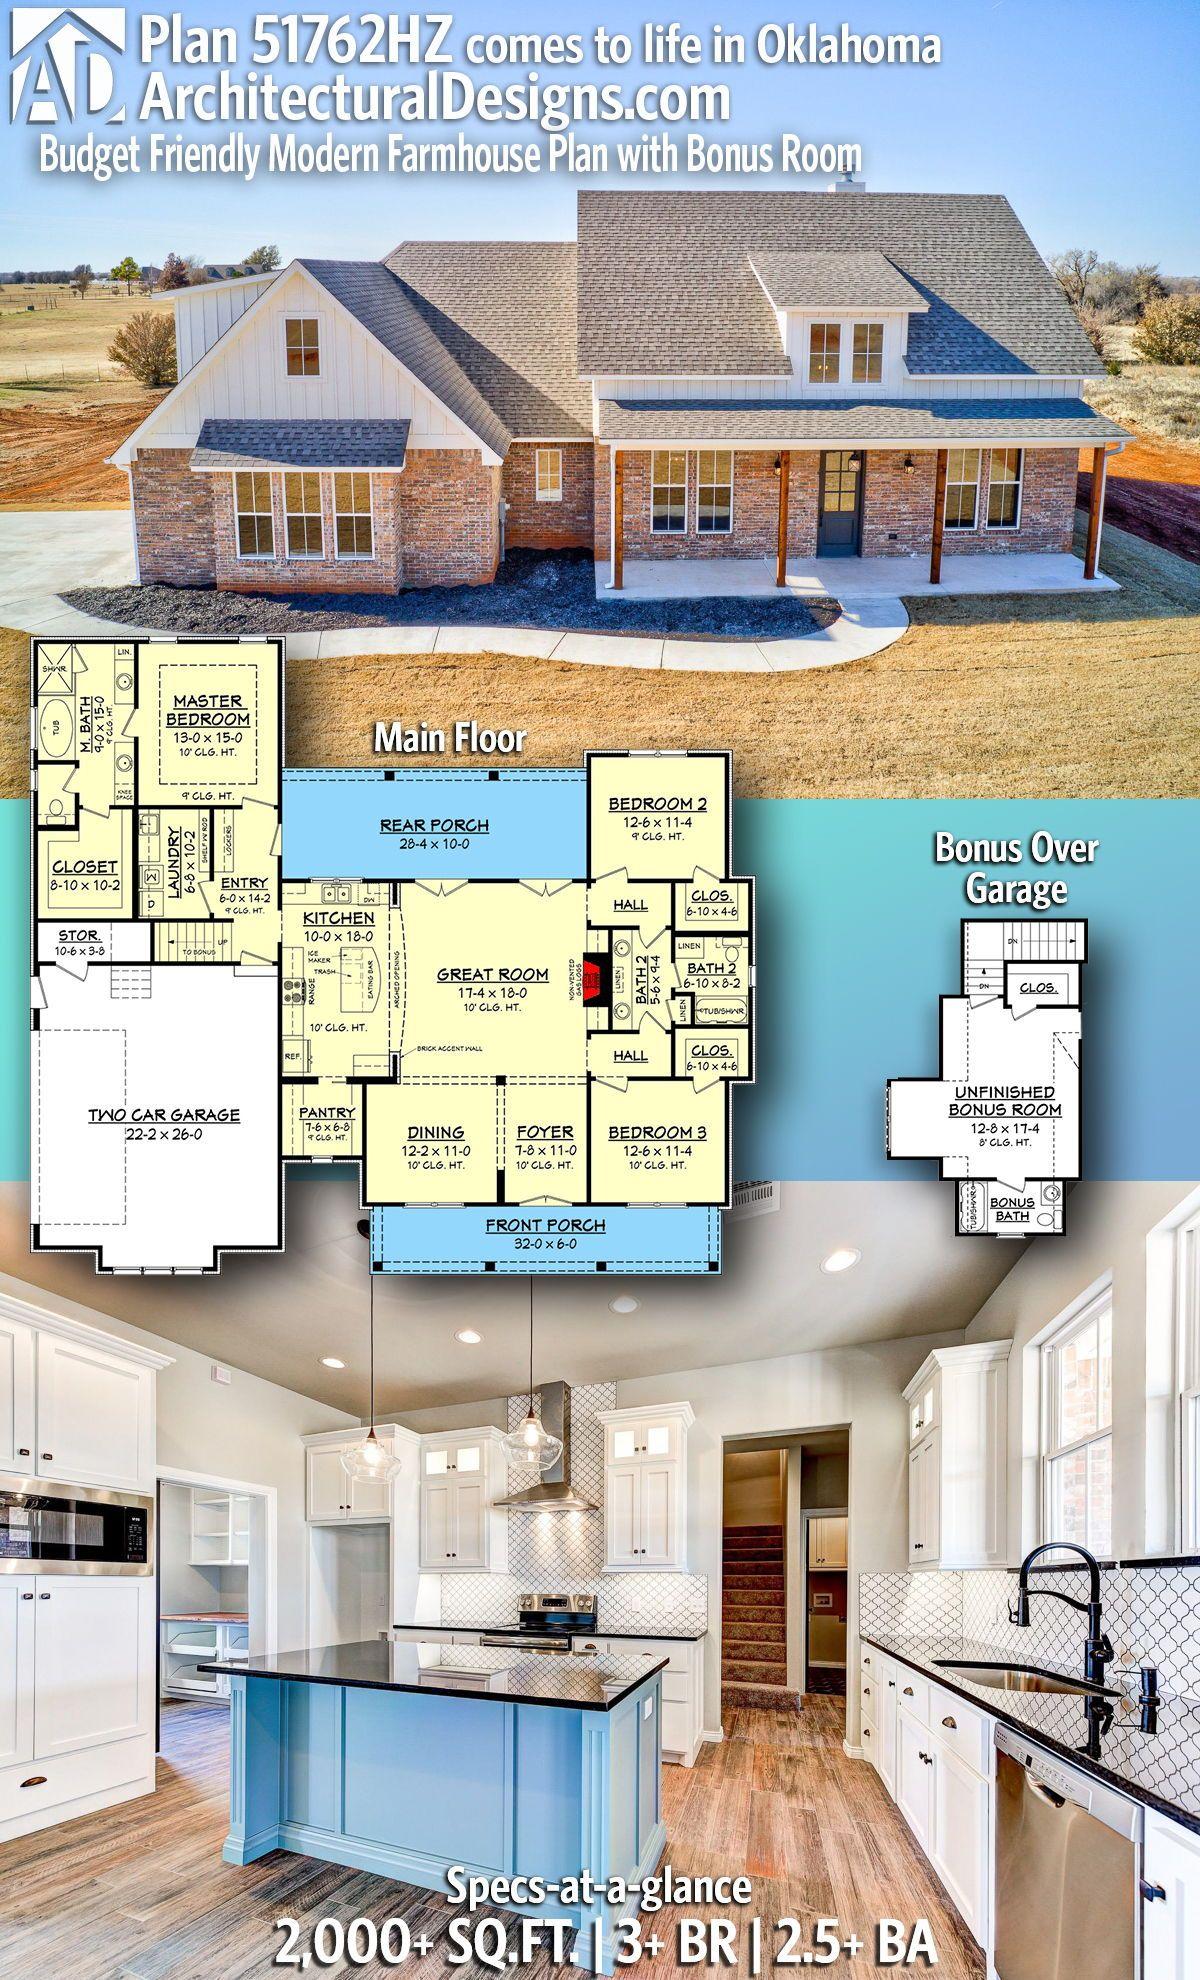 Plan 51762hz Budget Friendly Modern Farmhouse Plan With Bonus Room Modern Farmhouse Plans Farmhouse Plans House Plans Farmhouse